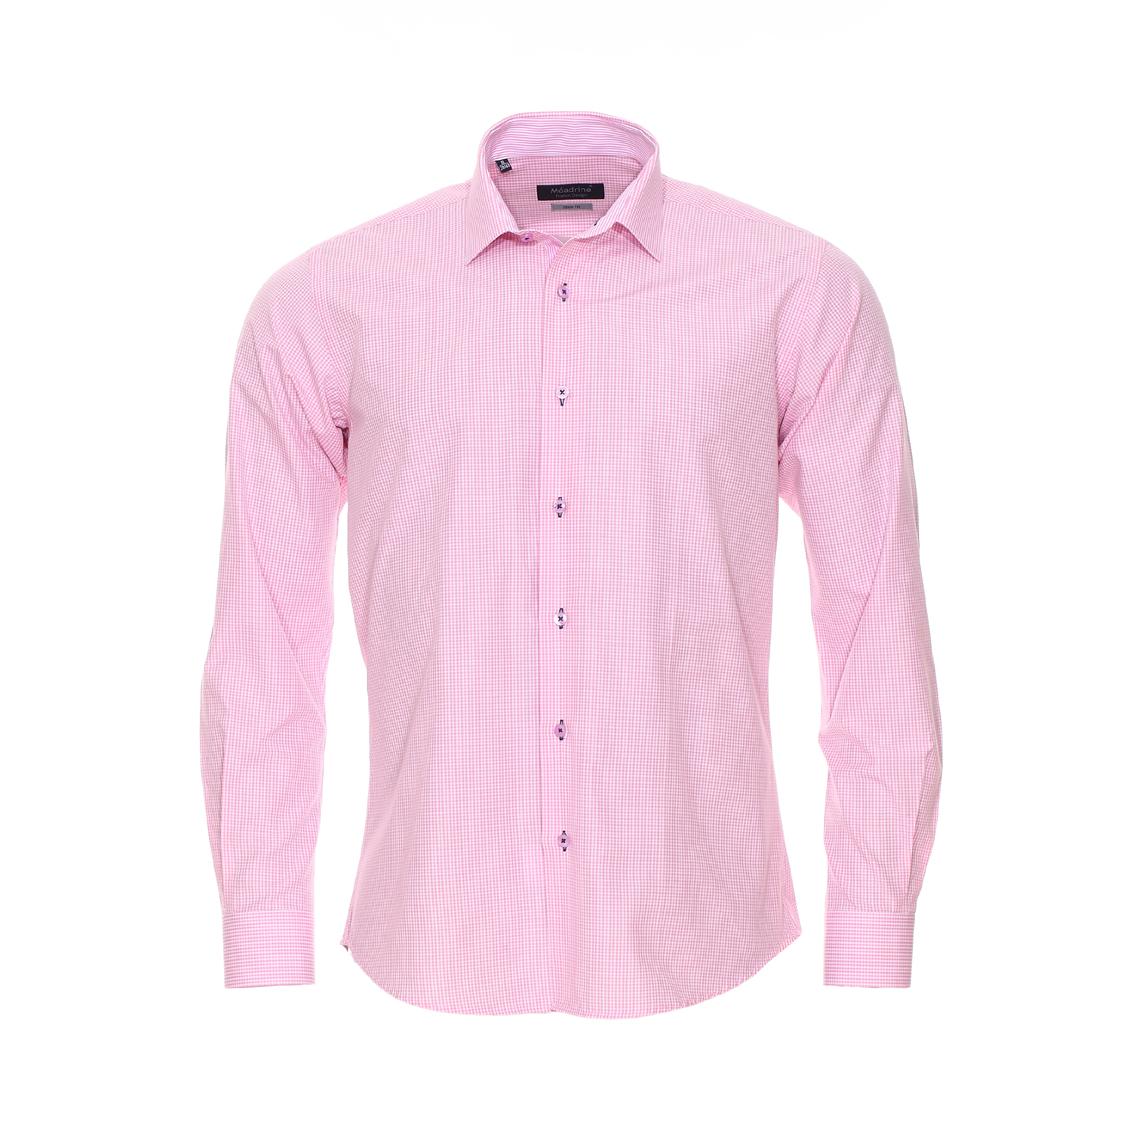 Chemise ajustée  en coton à carreaux vichy roses